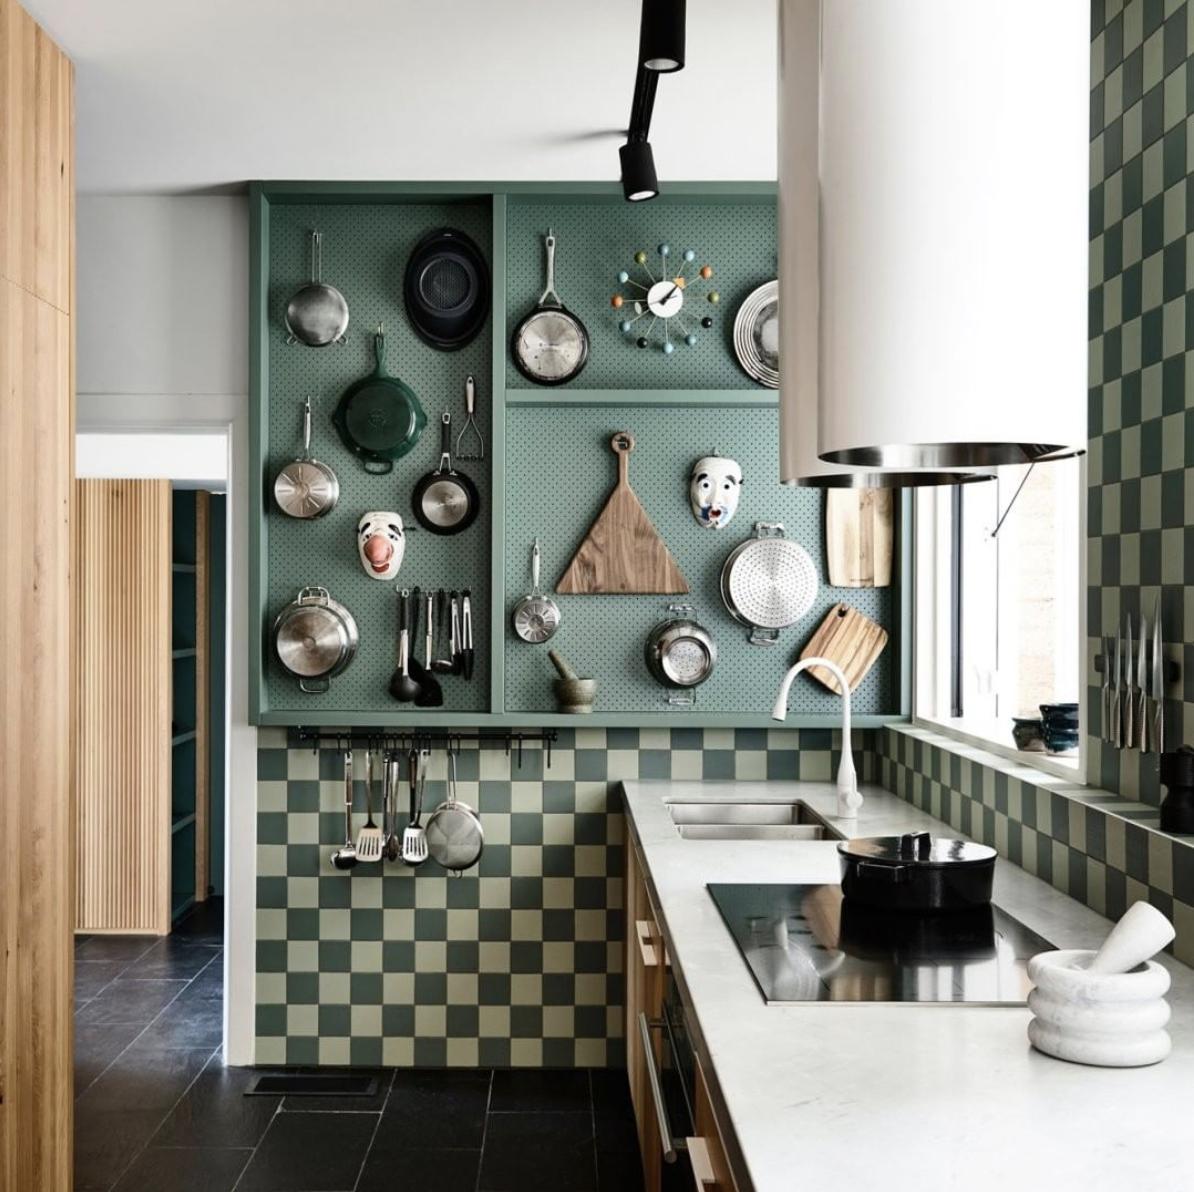 kitchen upgrades via domino mag